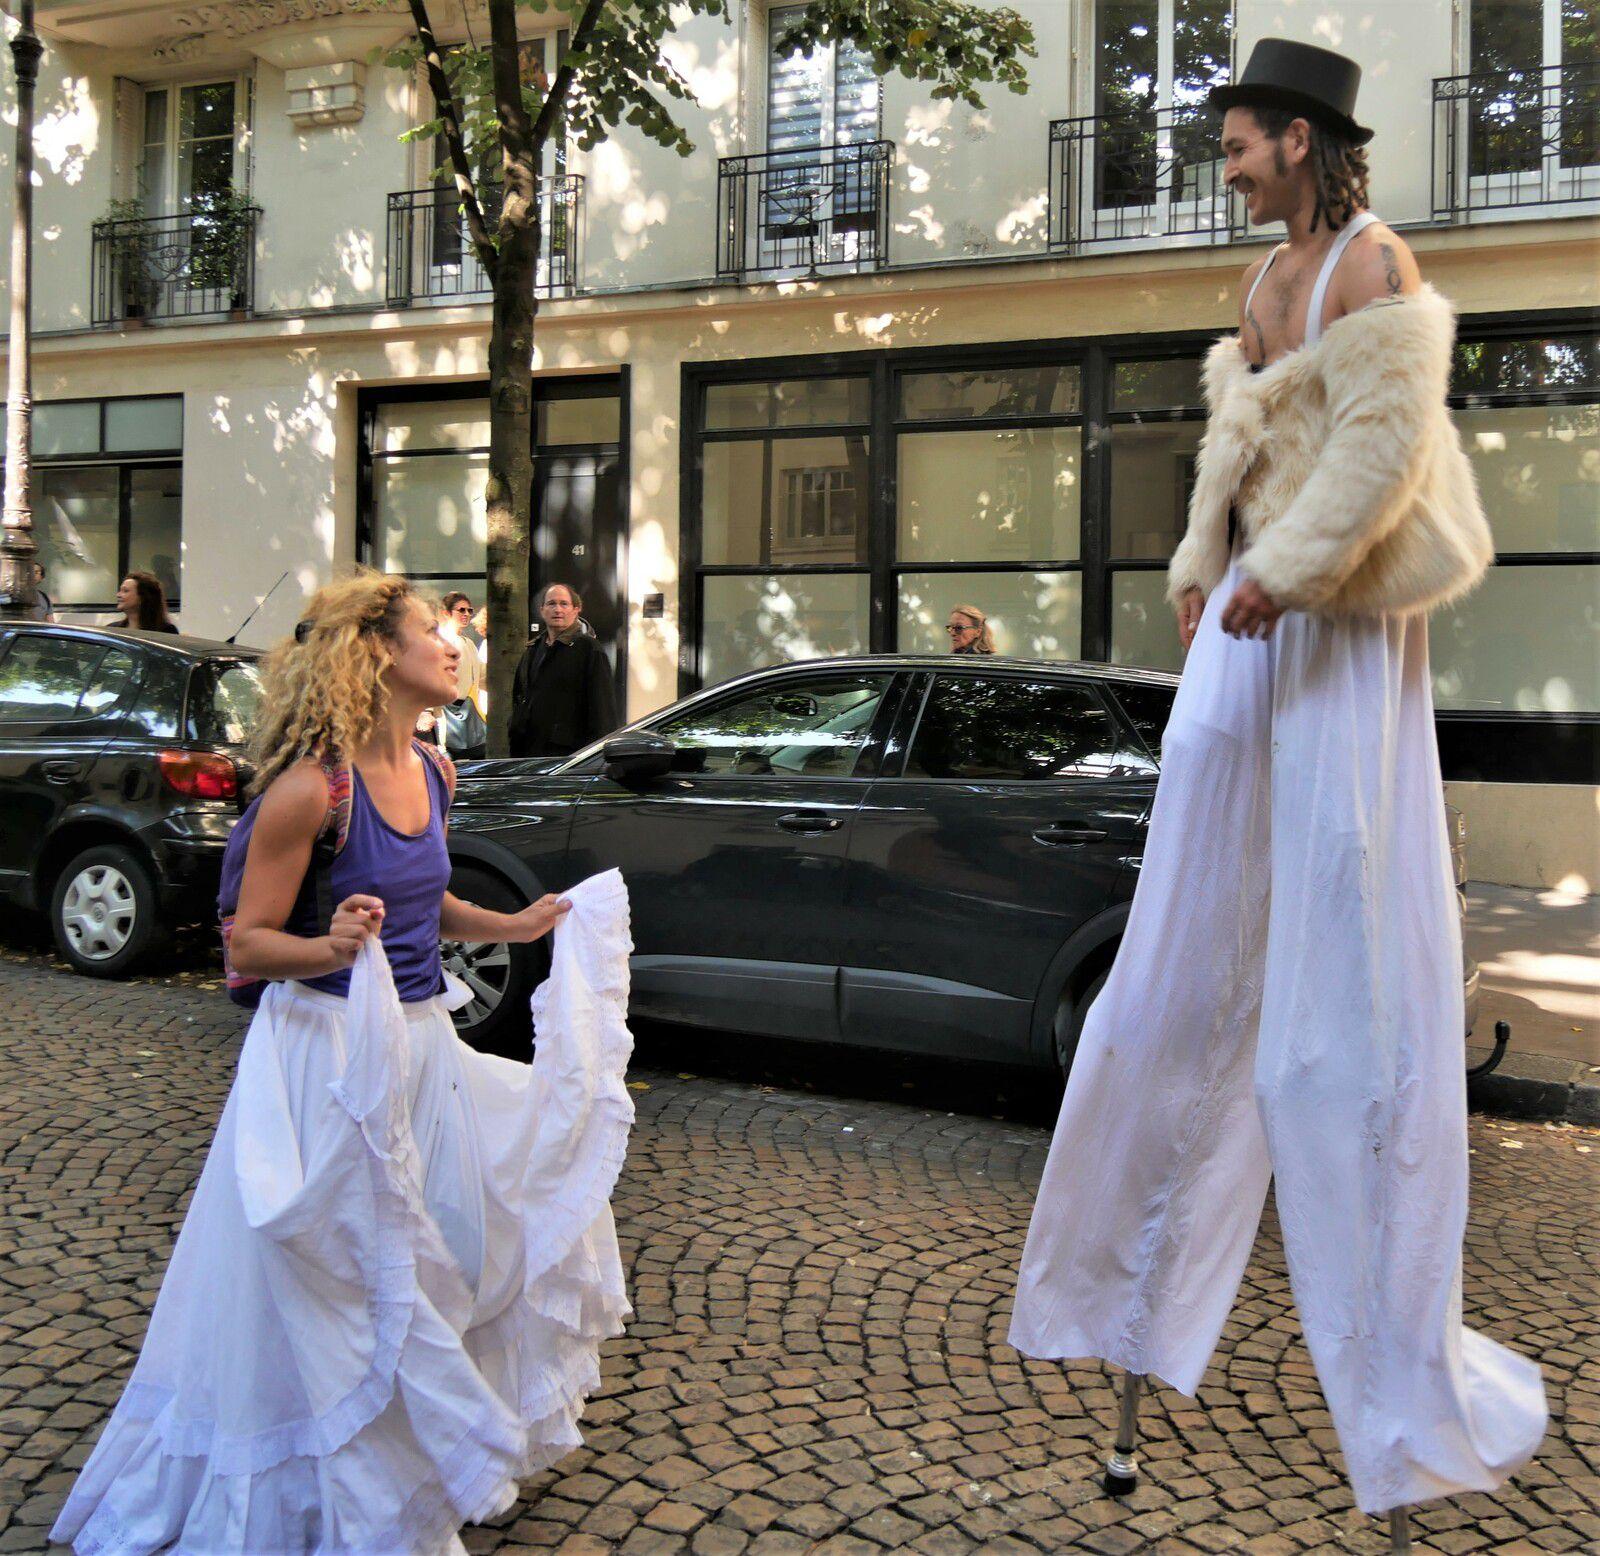 Défilé des vendanges. Montmartre 2021.